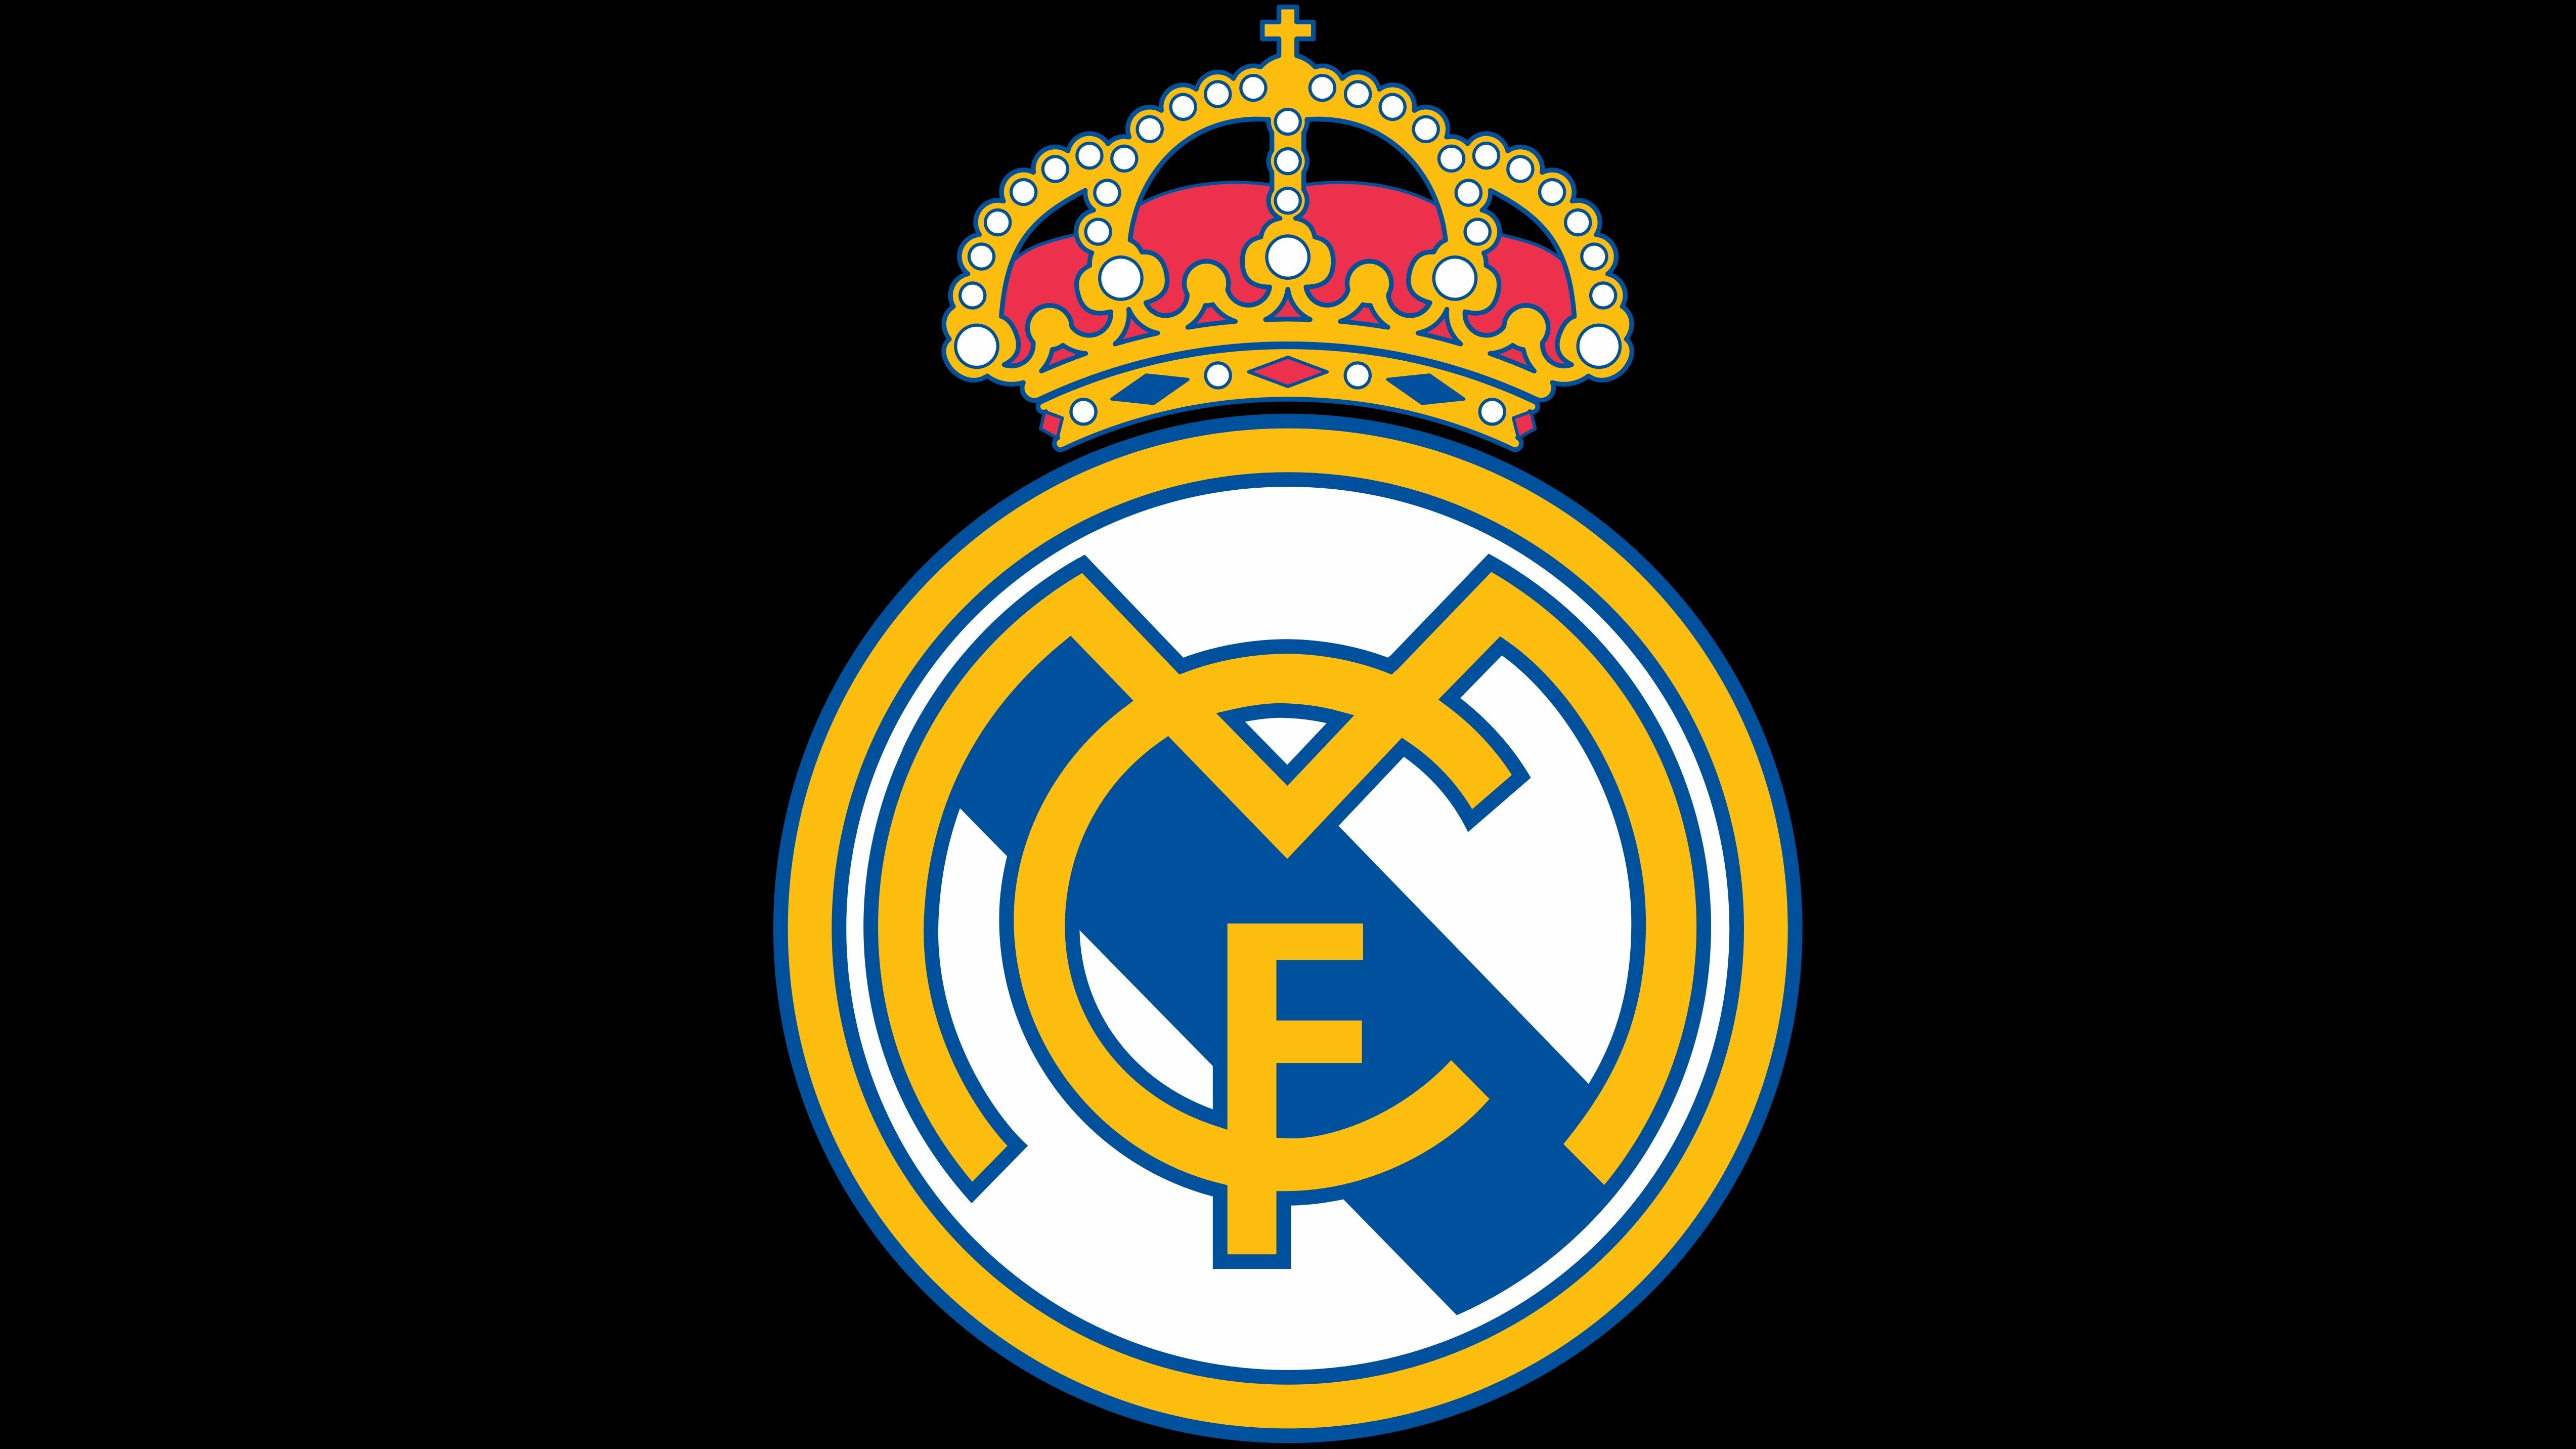 Barcelona Logo 3d Wallpaper Real Madrid Castilla 4k Ultra Fondo De Pantalla Hd Fondo